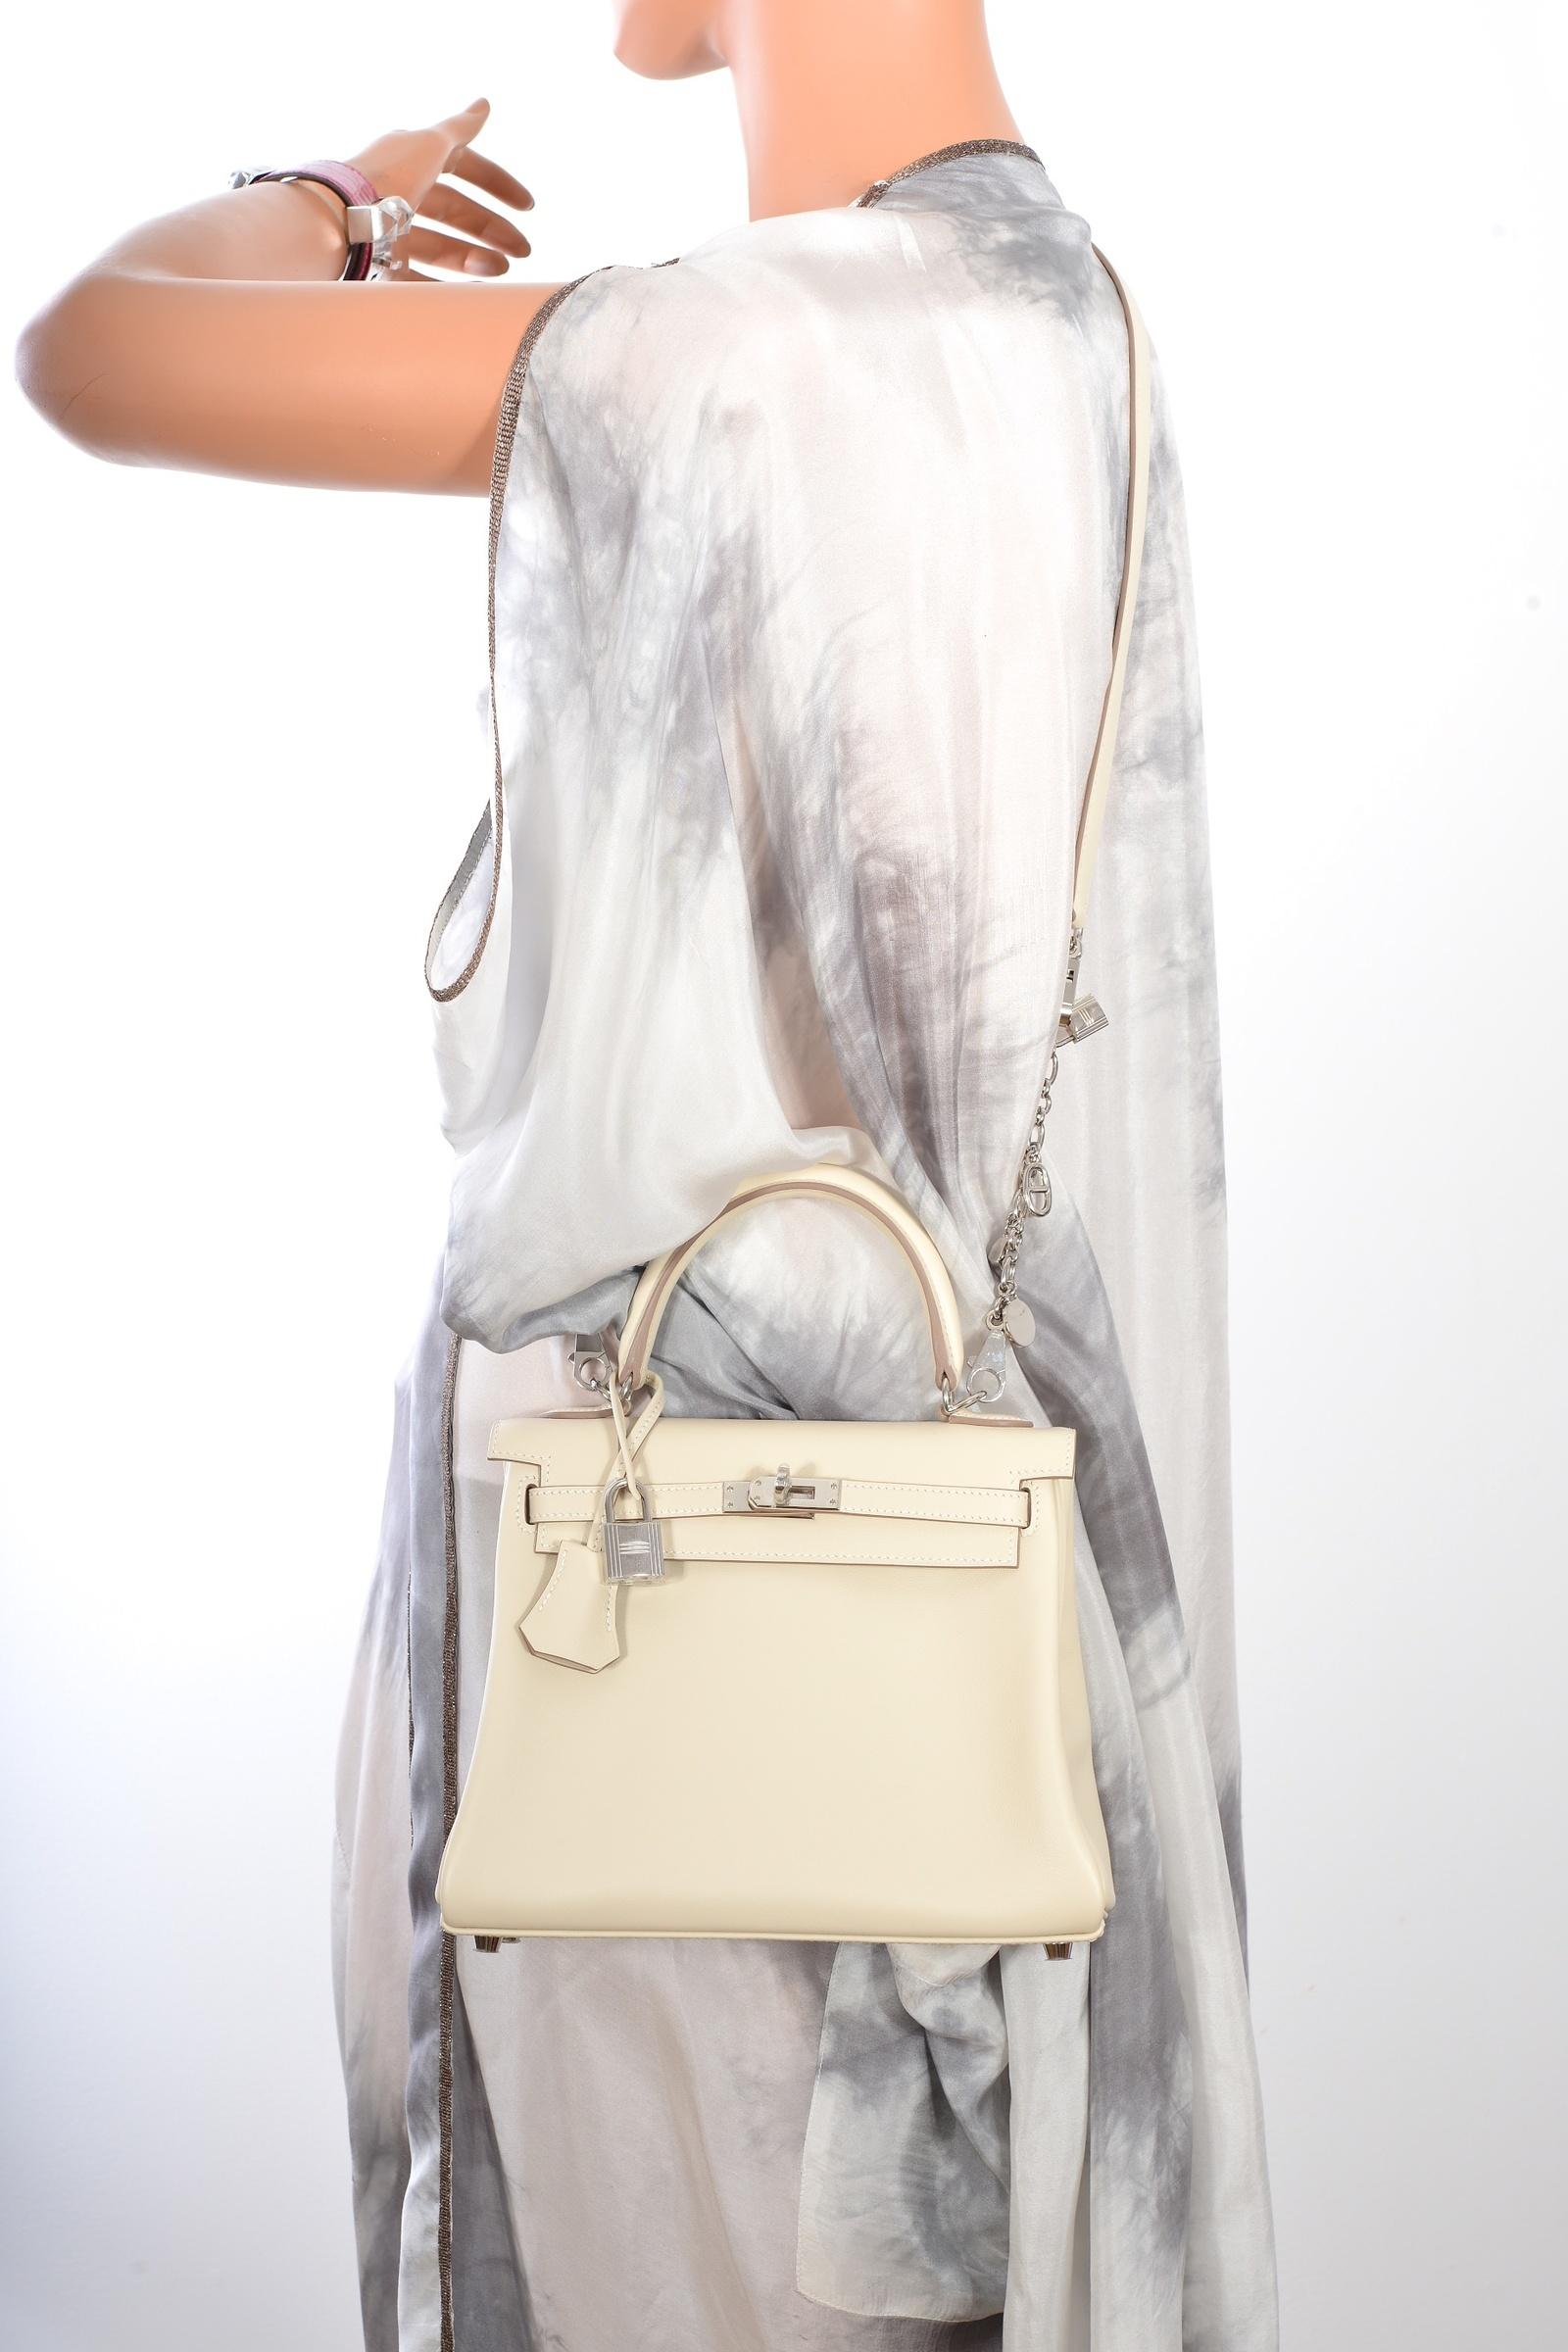 84d3dadaf8c1 Hermes Vintage25cm Craie Kelly Hermes Bag. CLOSE. Loading